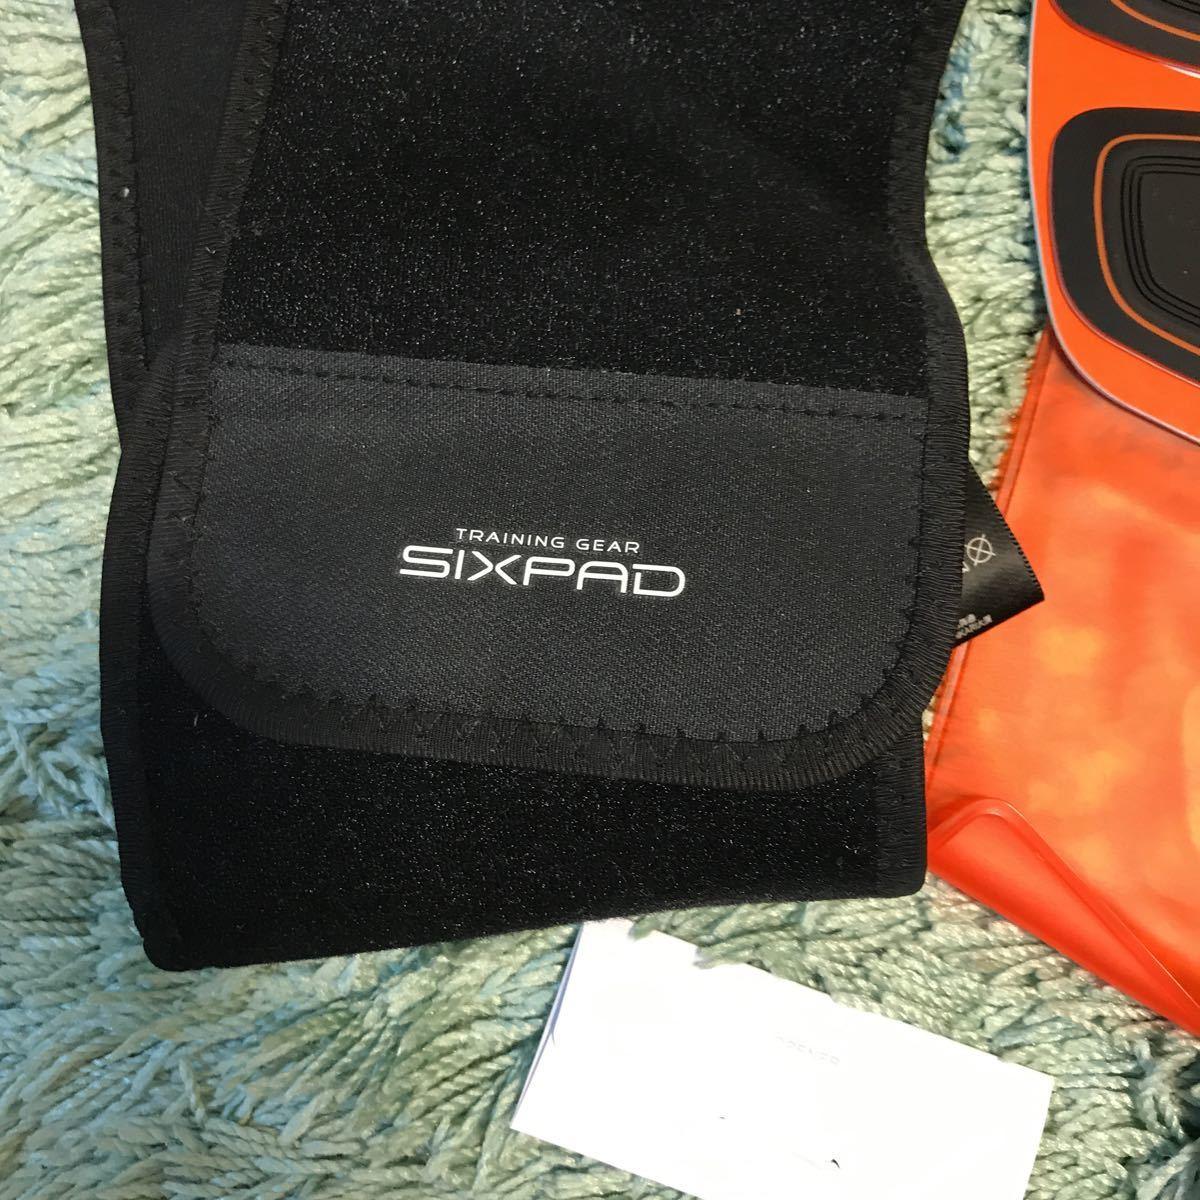 シックスパッド SIXPAD MTG 腹筋 ABS FIT アブズフィット ボディメイク ダイエットボディフィット 筋トレ_画像4